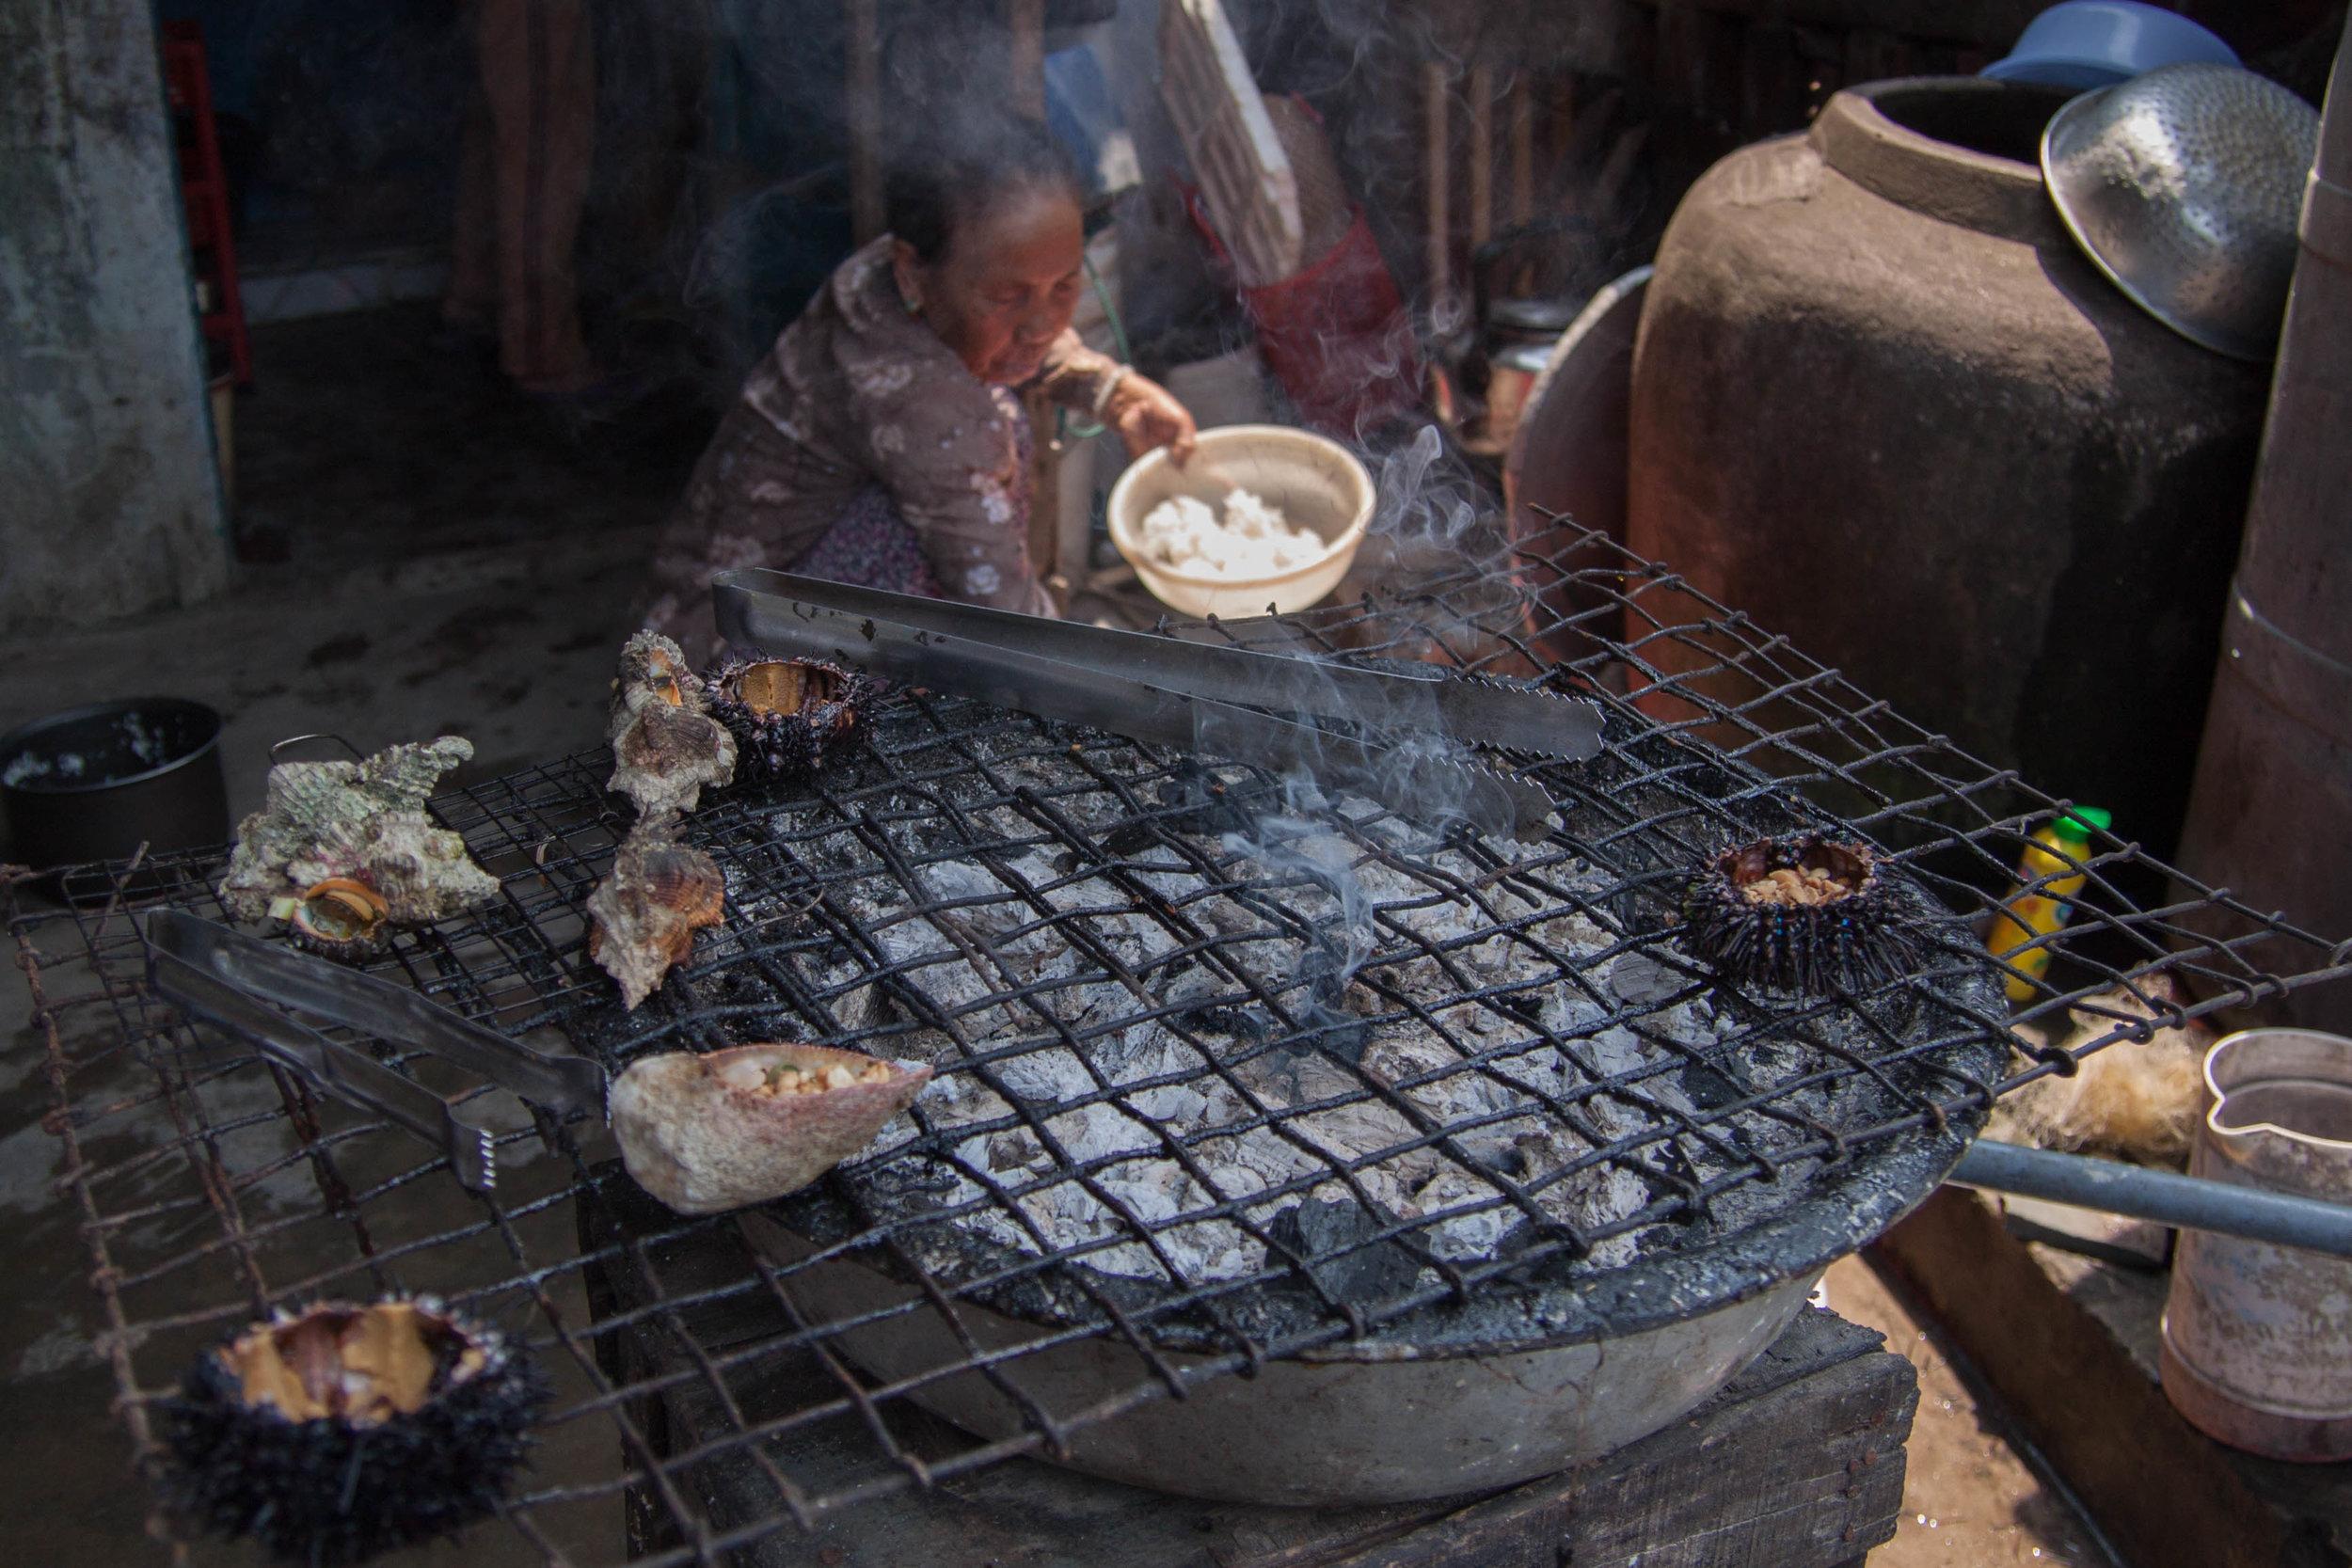 village grill - cham island, vietnam